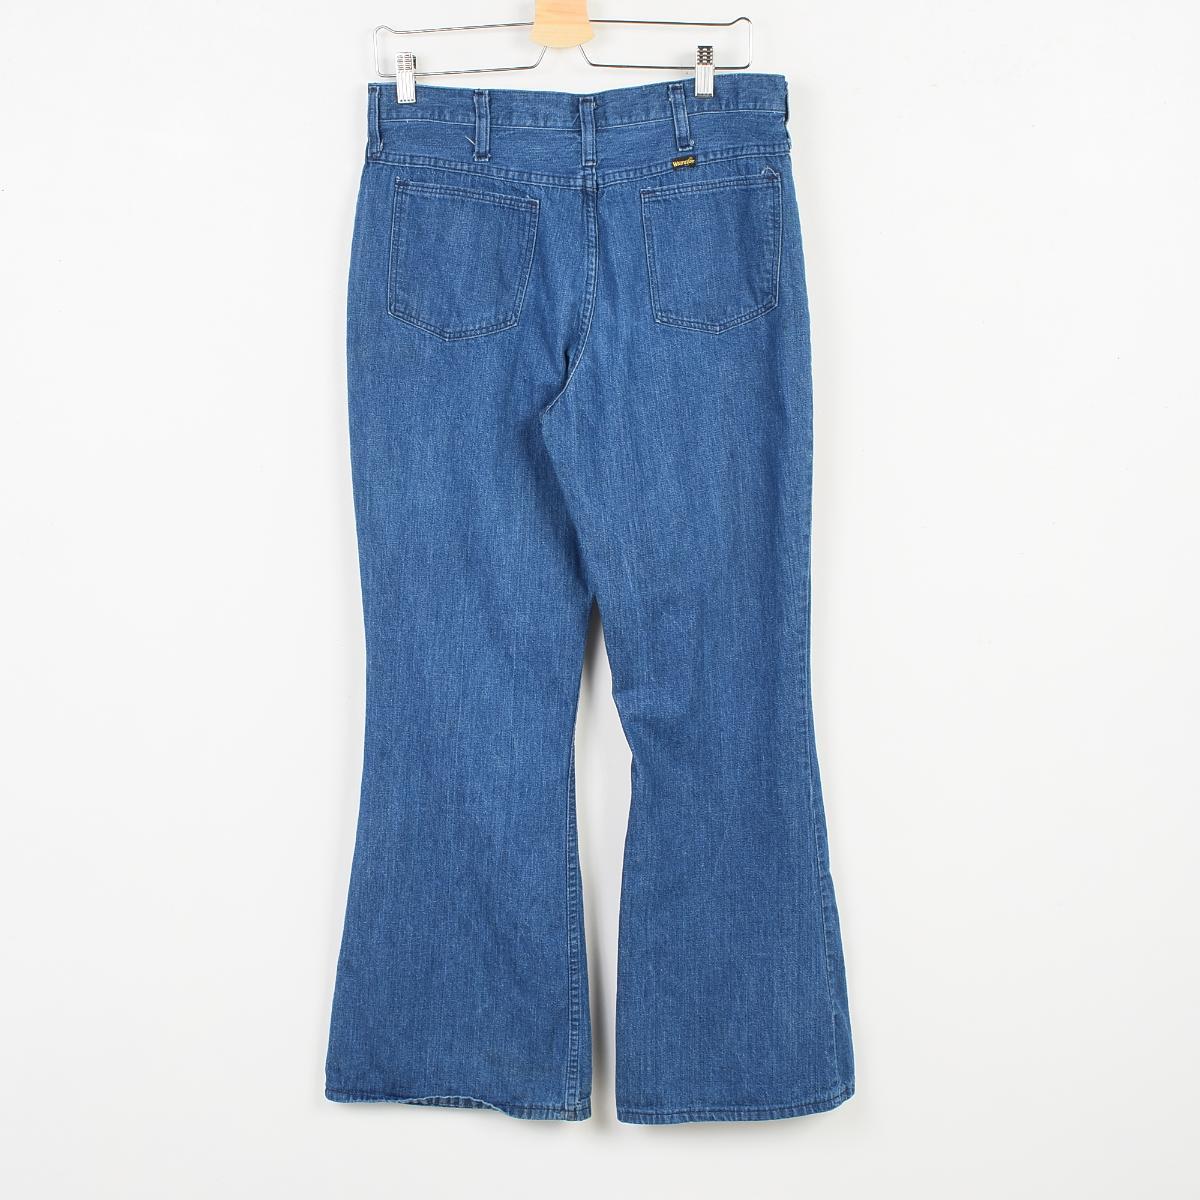 VINTAGE CLOTHING JAM TRADING | Rakuten Global Market: 70s Wrangler ...